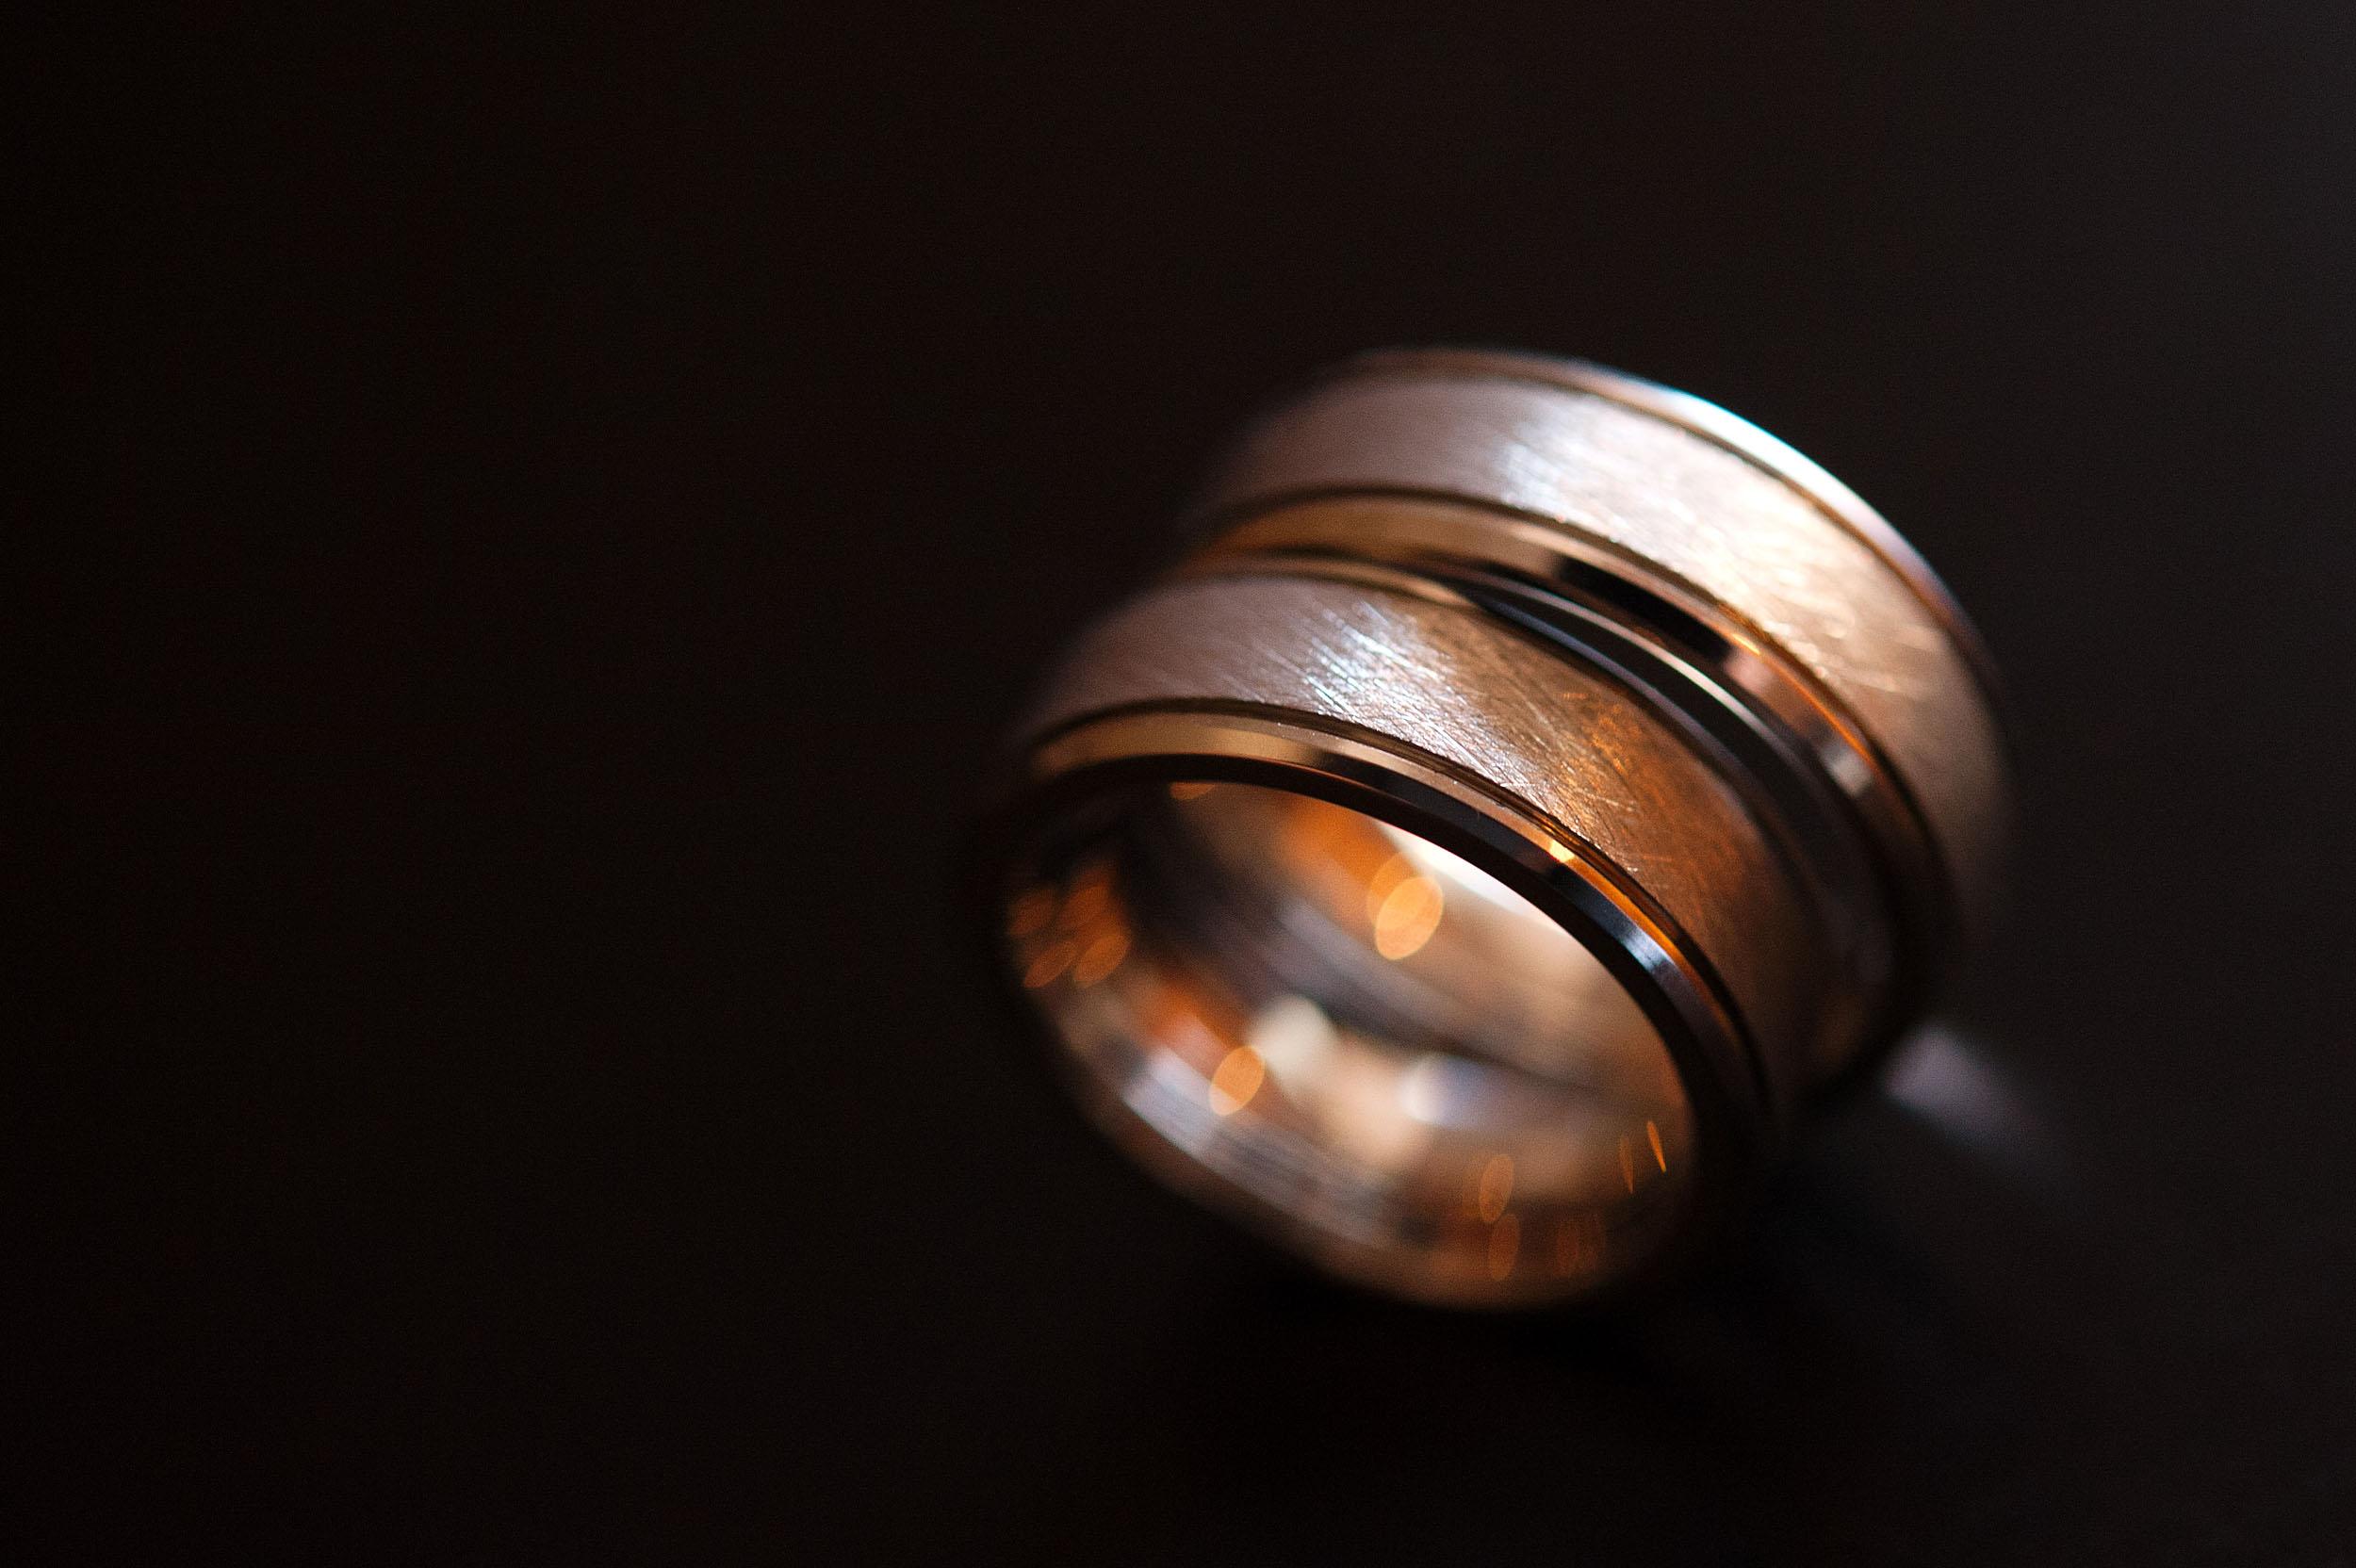 Groom and groom's rings at Pura Vida in Palm Springs.